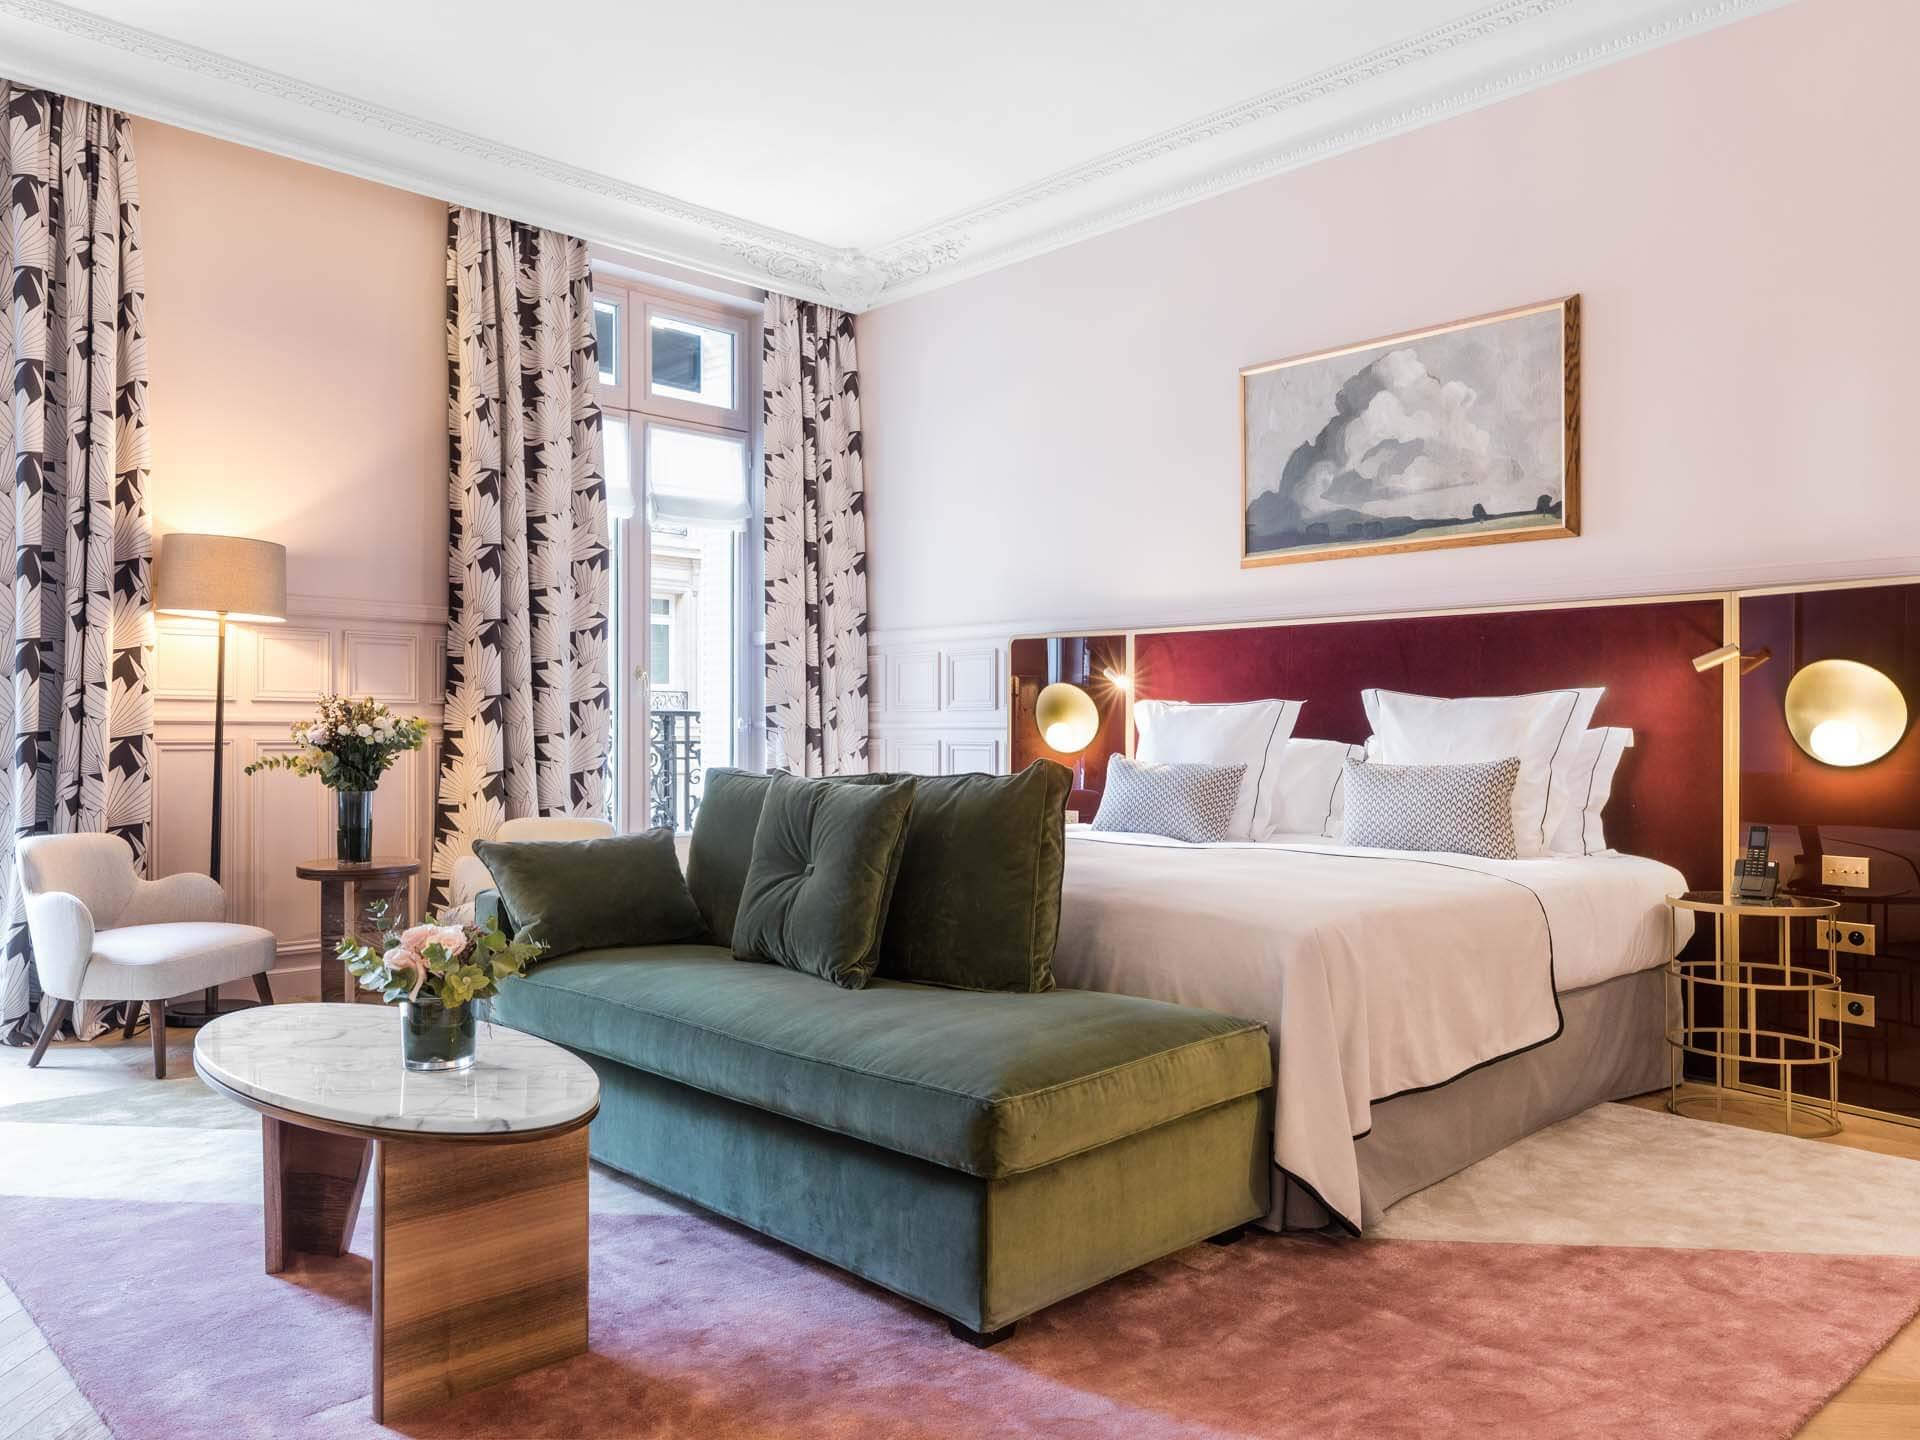 Dans quel hôtel secret de Paris s'échapper le temps d'une nuit, ou plus si affinités ? Découvrez notre sélection de 10 pépites hôtelières, des adresses confidentielles où dormir dans la capitale.